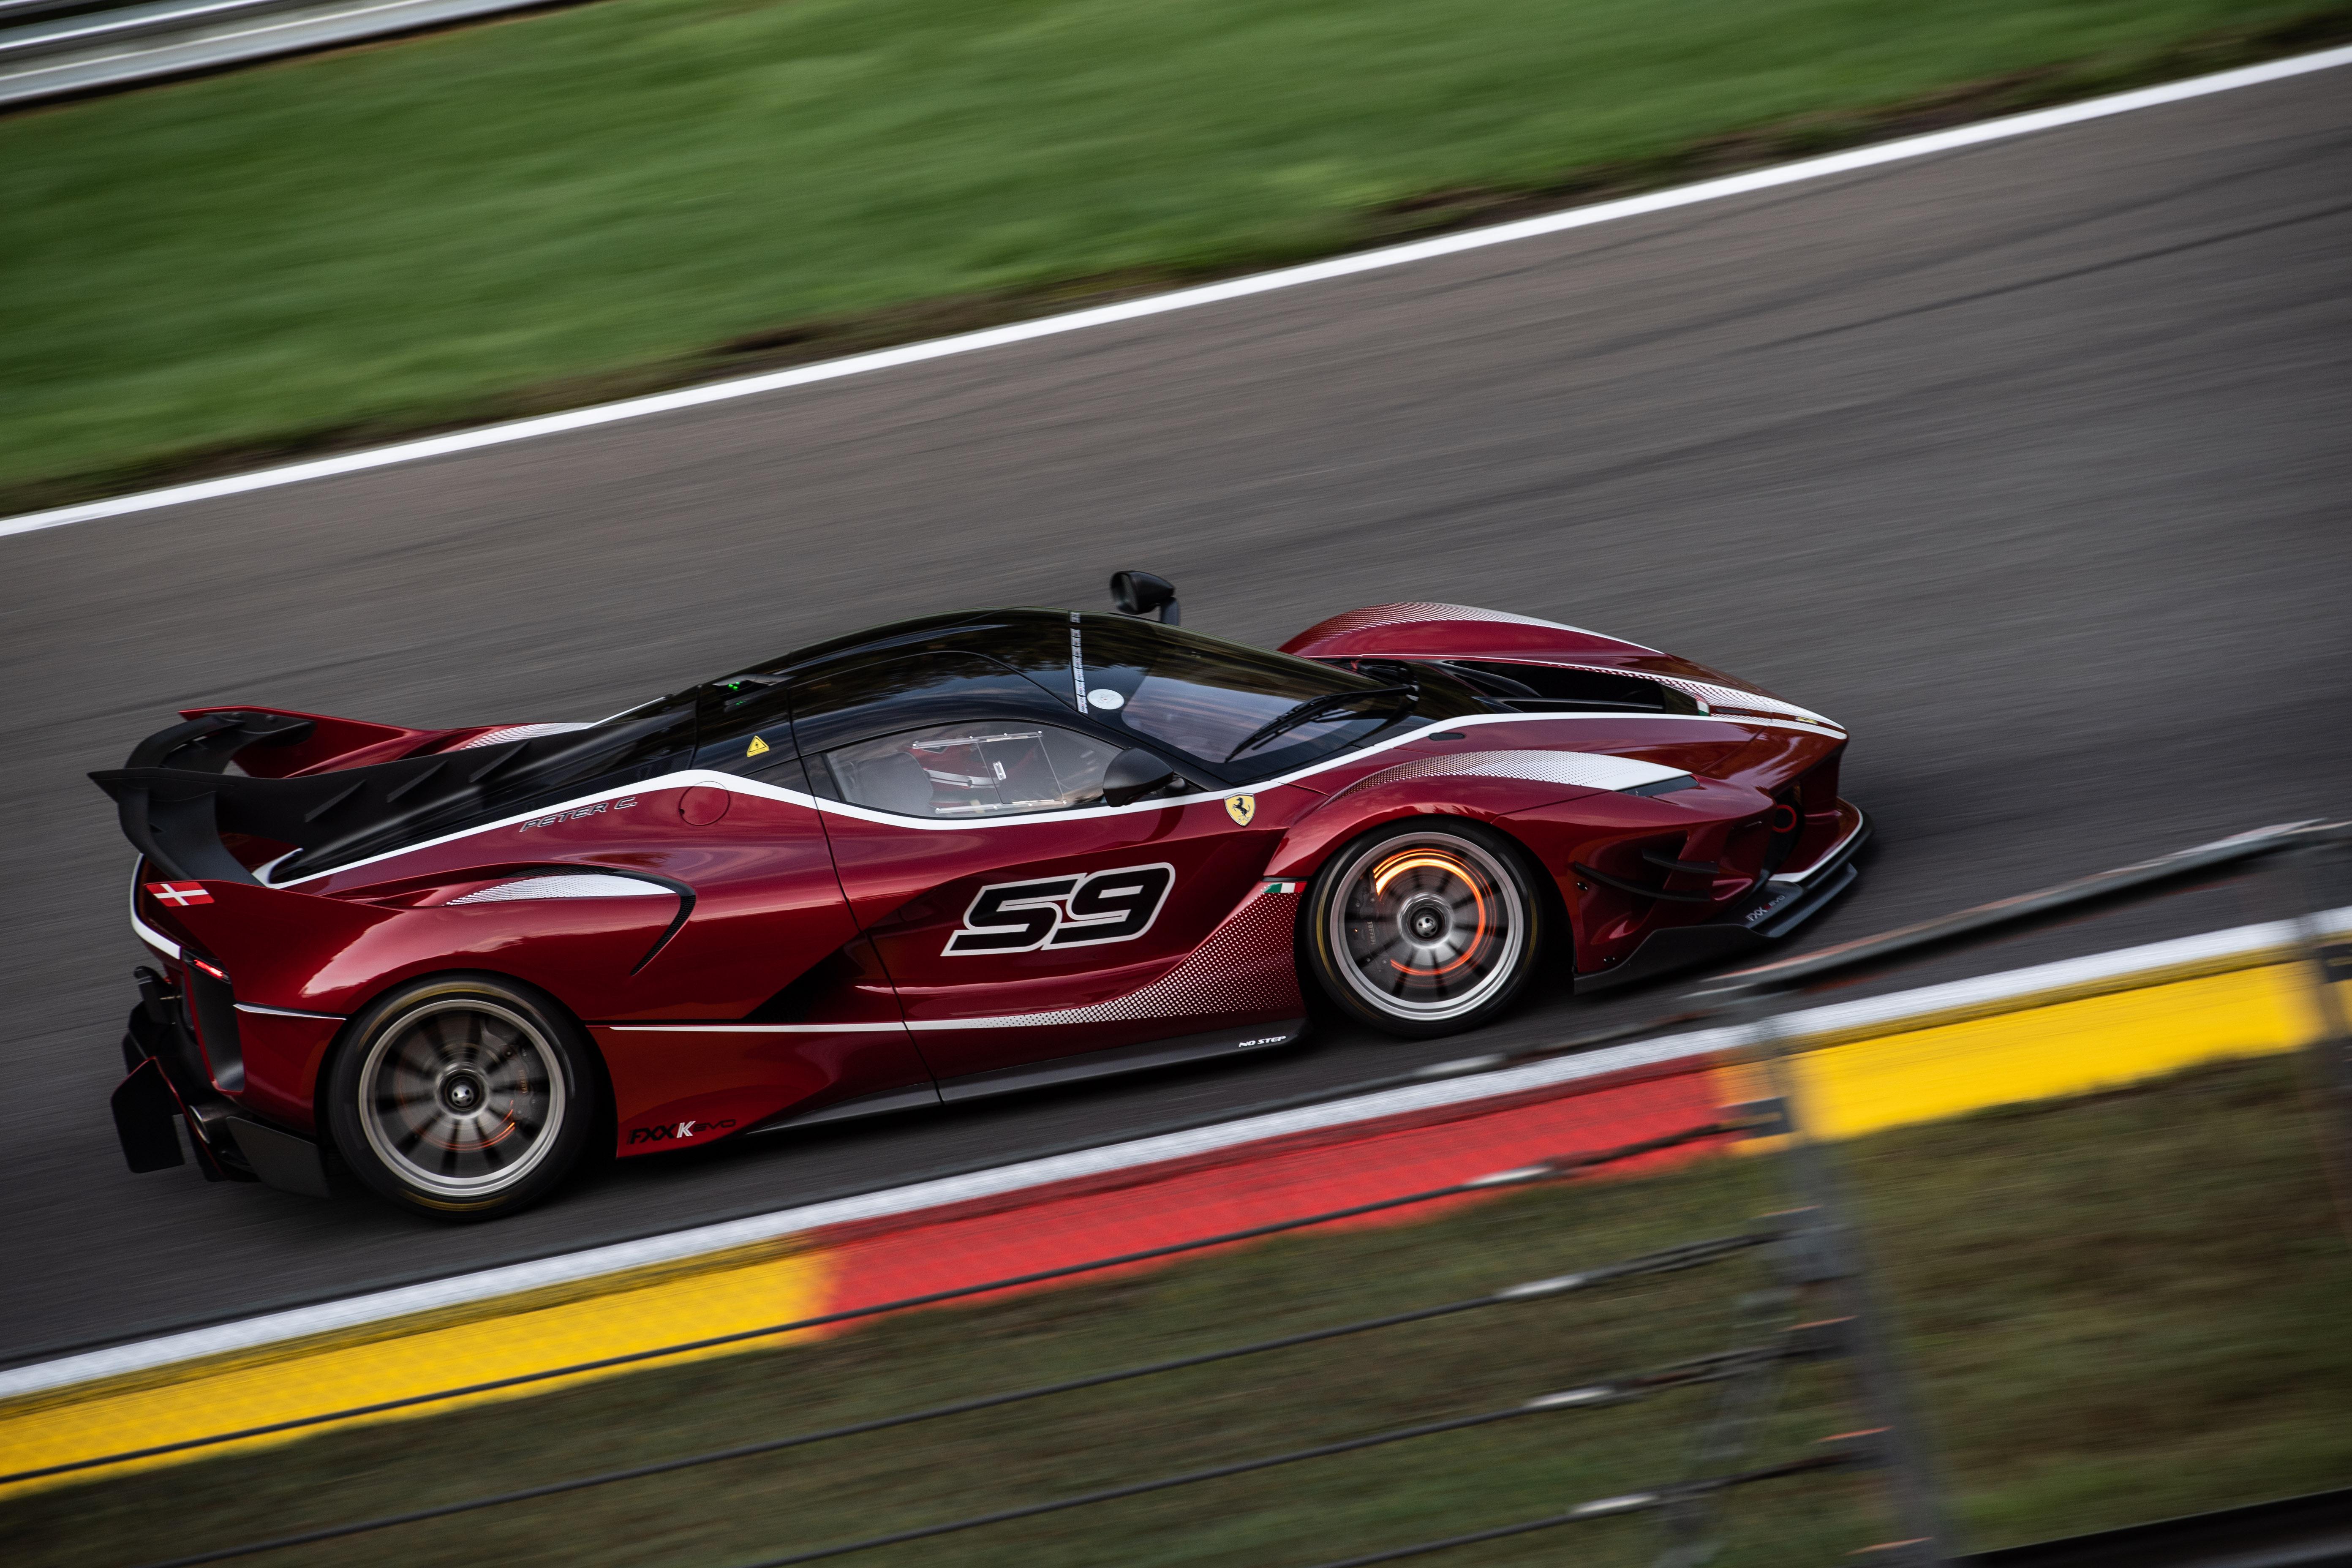 200739-ferrari-racing-days-f1-clienti-xx-spa-saturday